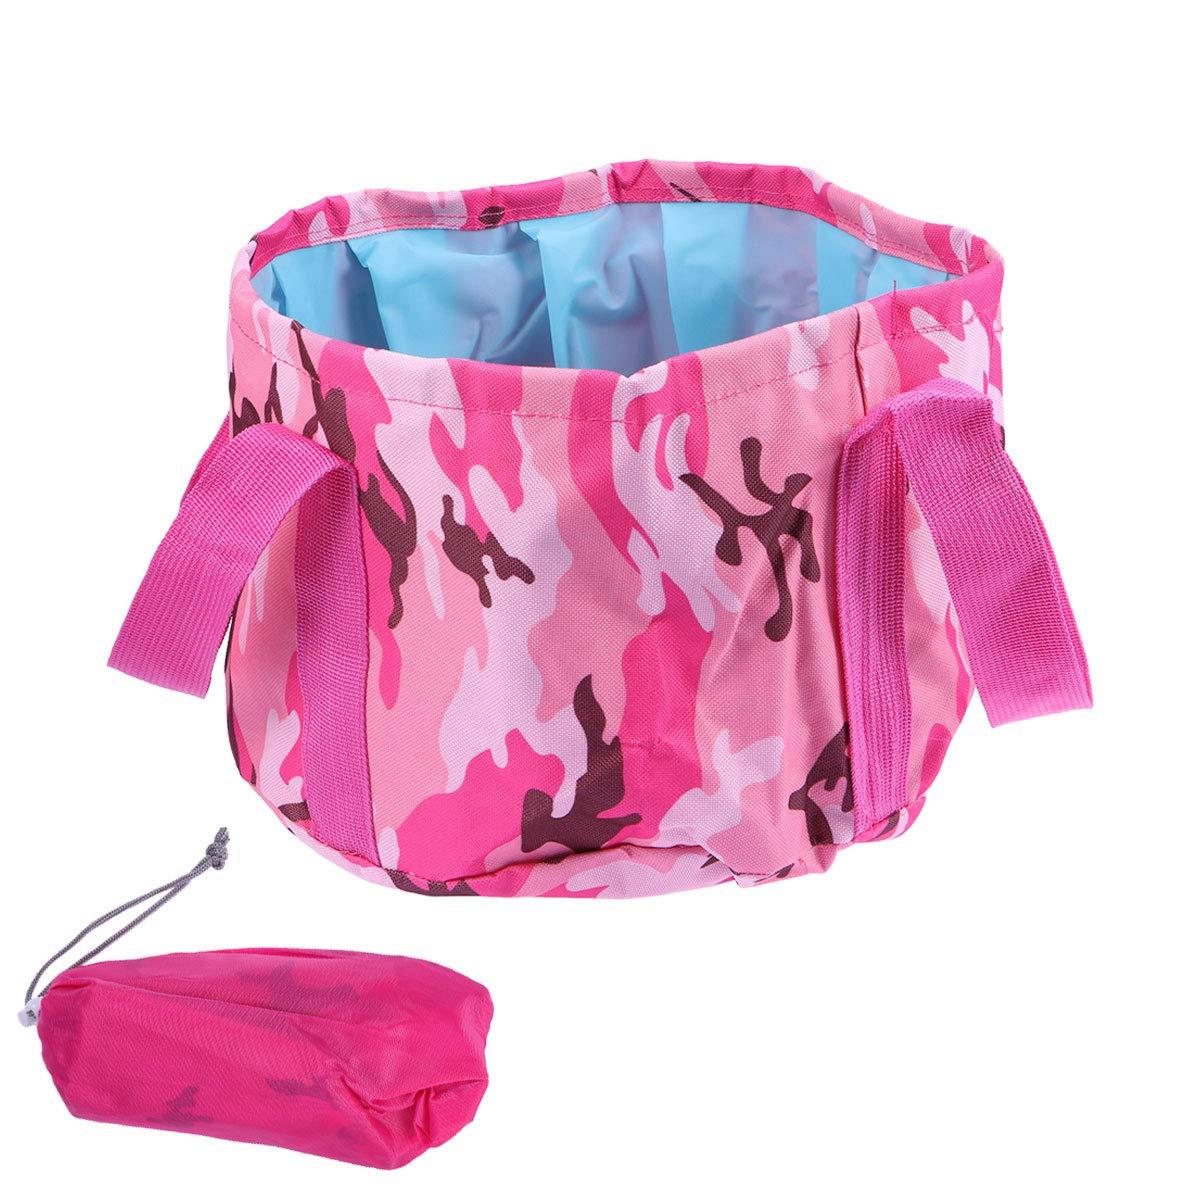 OUNONA 15L Faltbar Eimer Falteimer Wassereimer mit Griff fü r Auto Outdoor Wandern Reisen Angeln Camping (Camouflage Pink)